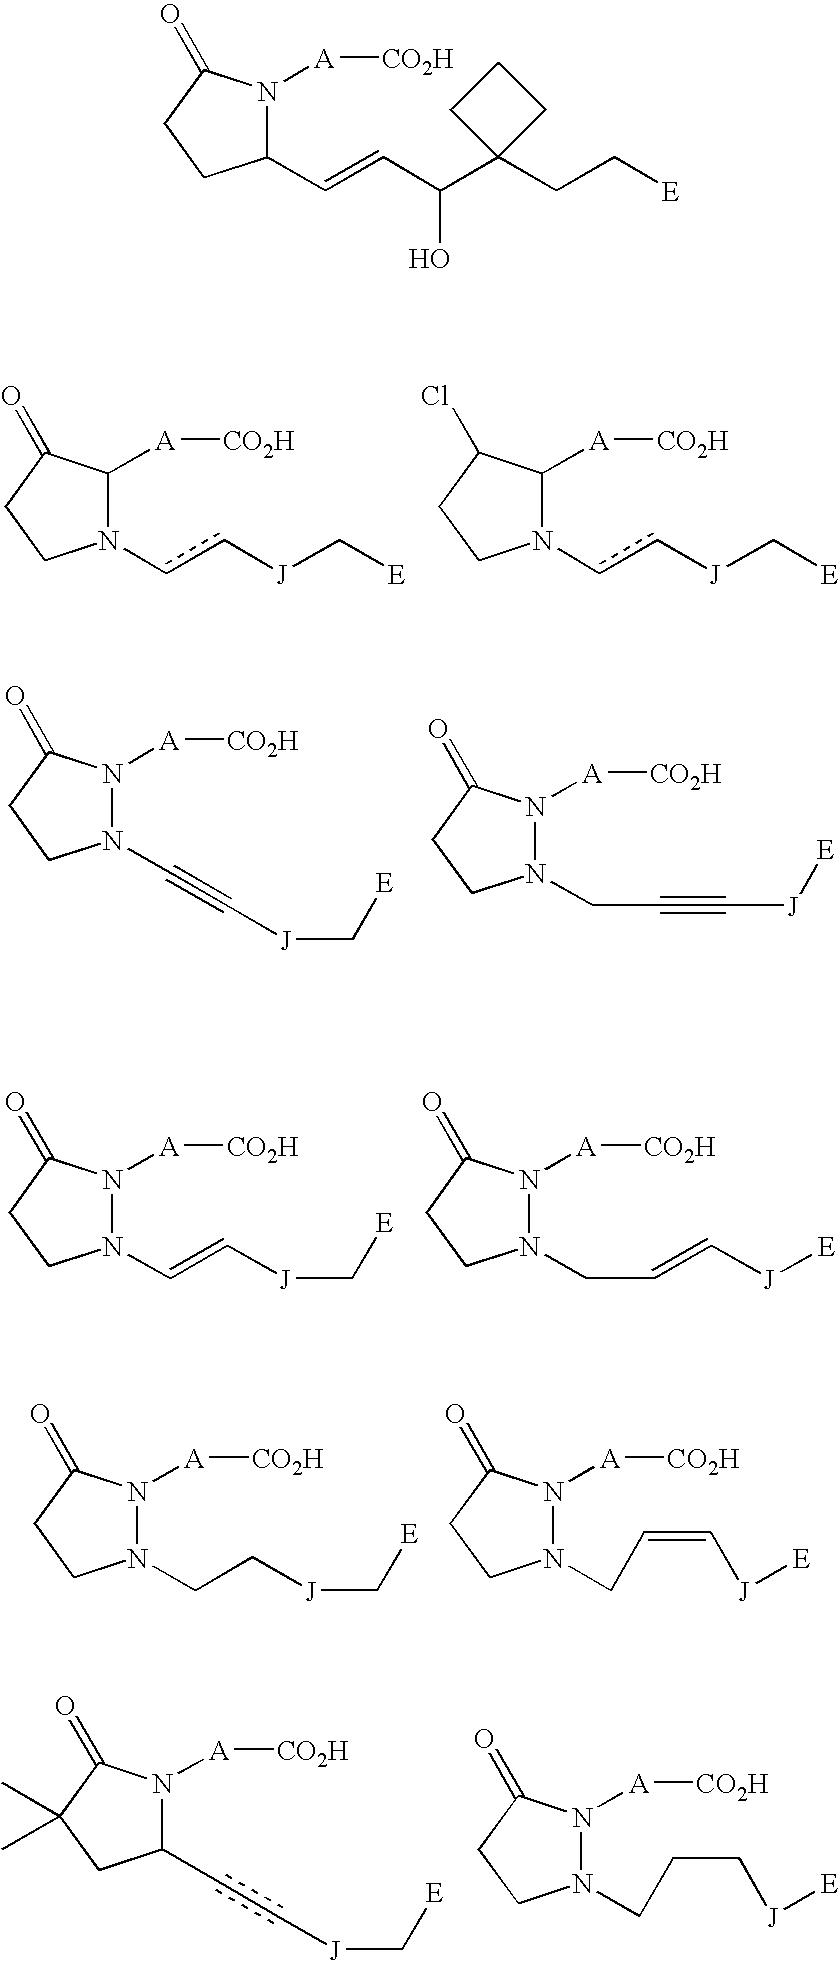 Figure US20070232660A1-20071004-C00026